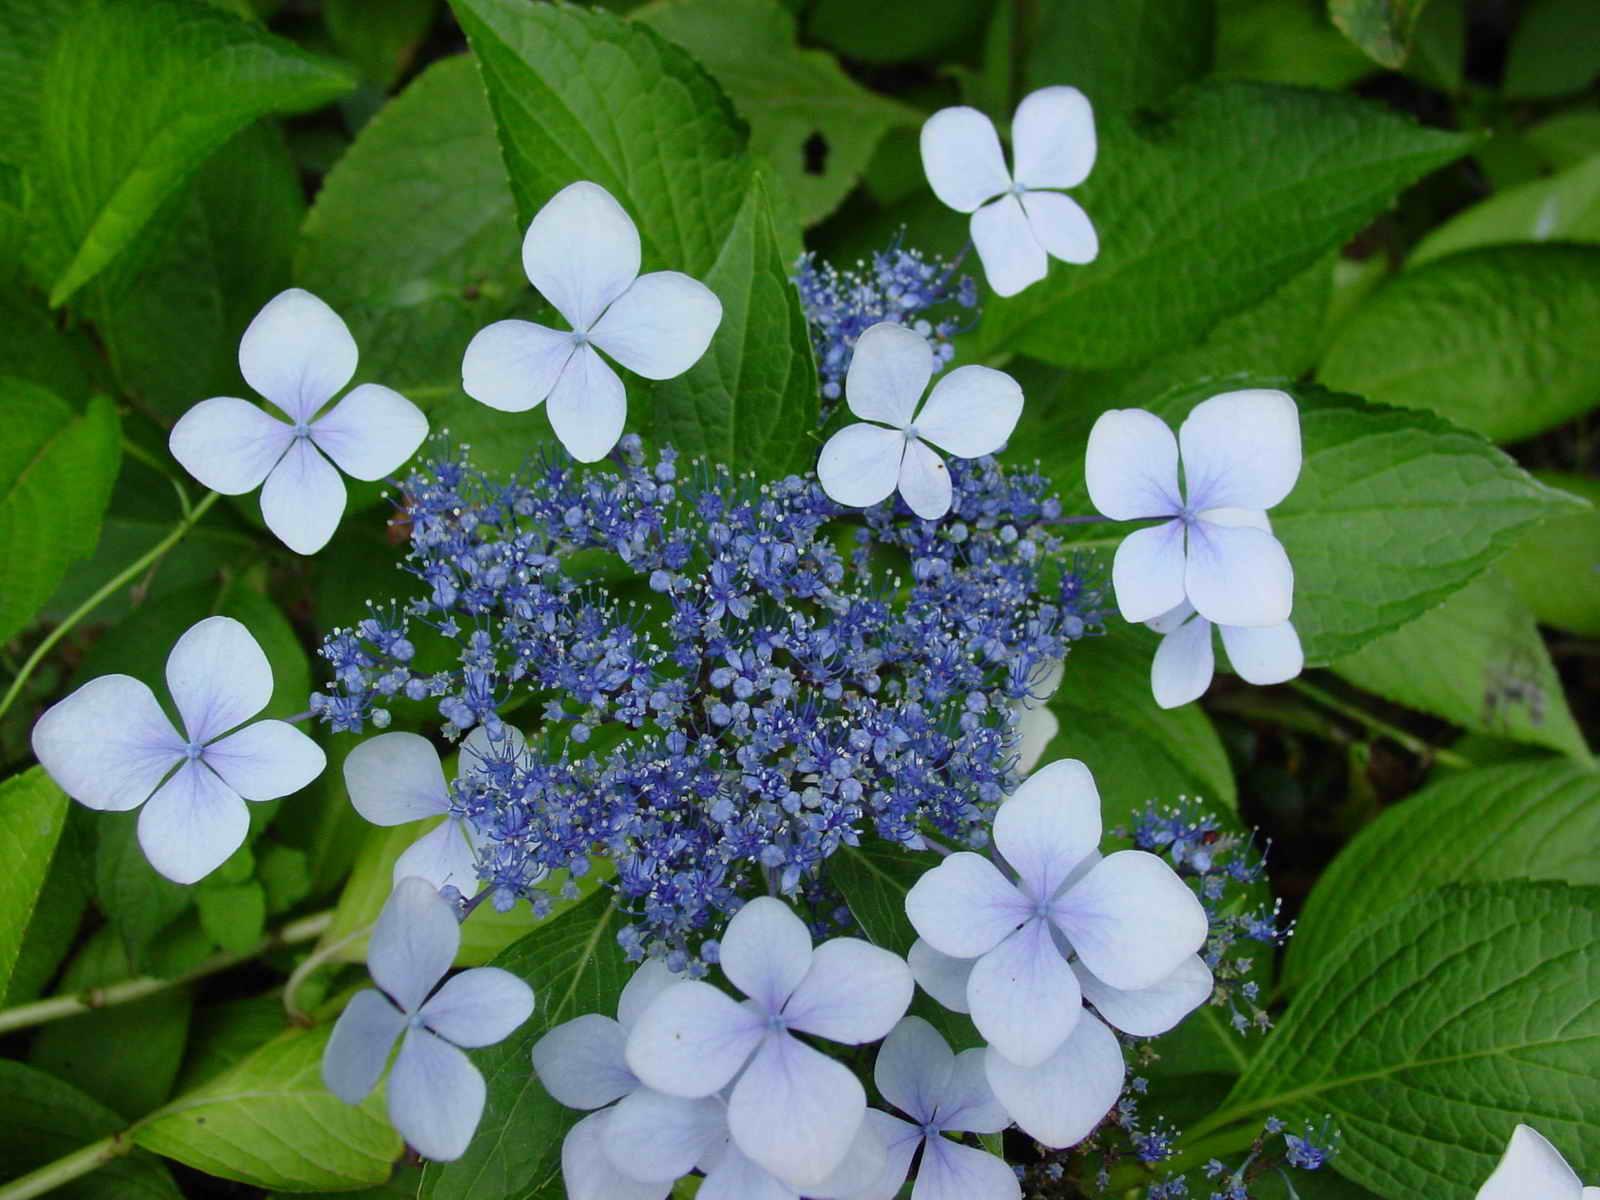 Hydrangea 画像 ようこそ、驚きと癒しの世界へ! 【花の接写】 画像集 Naver まとめ